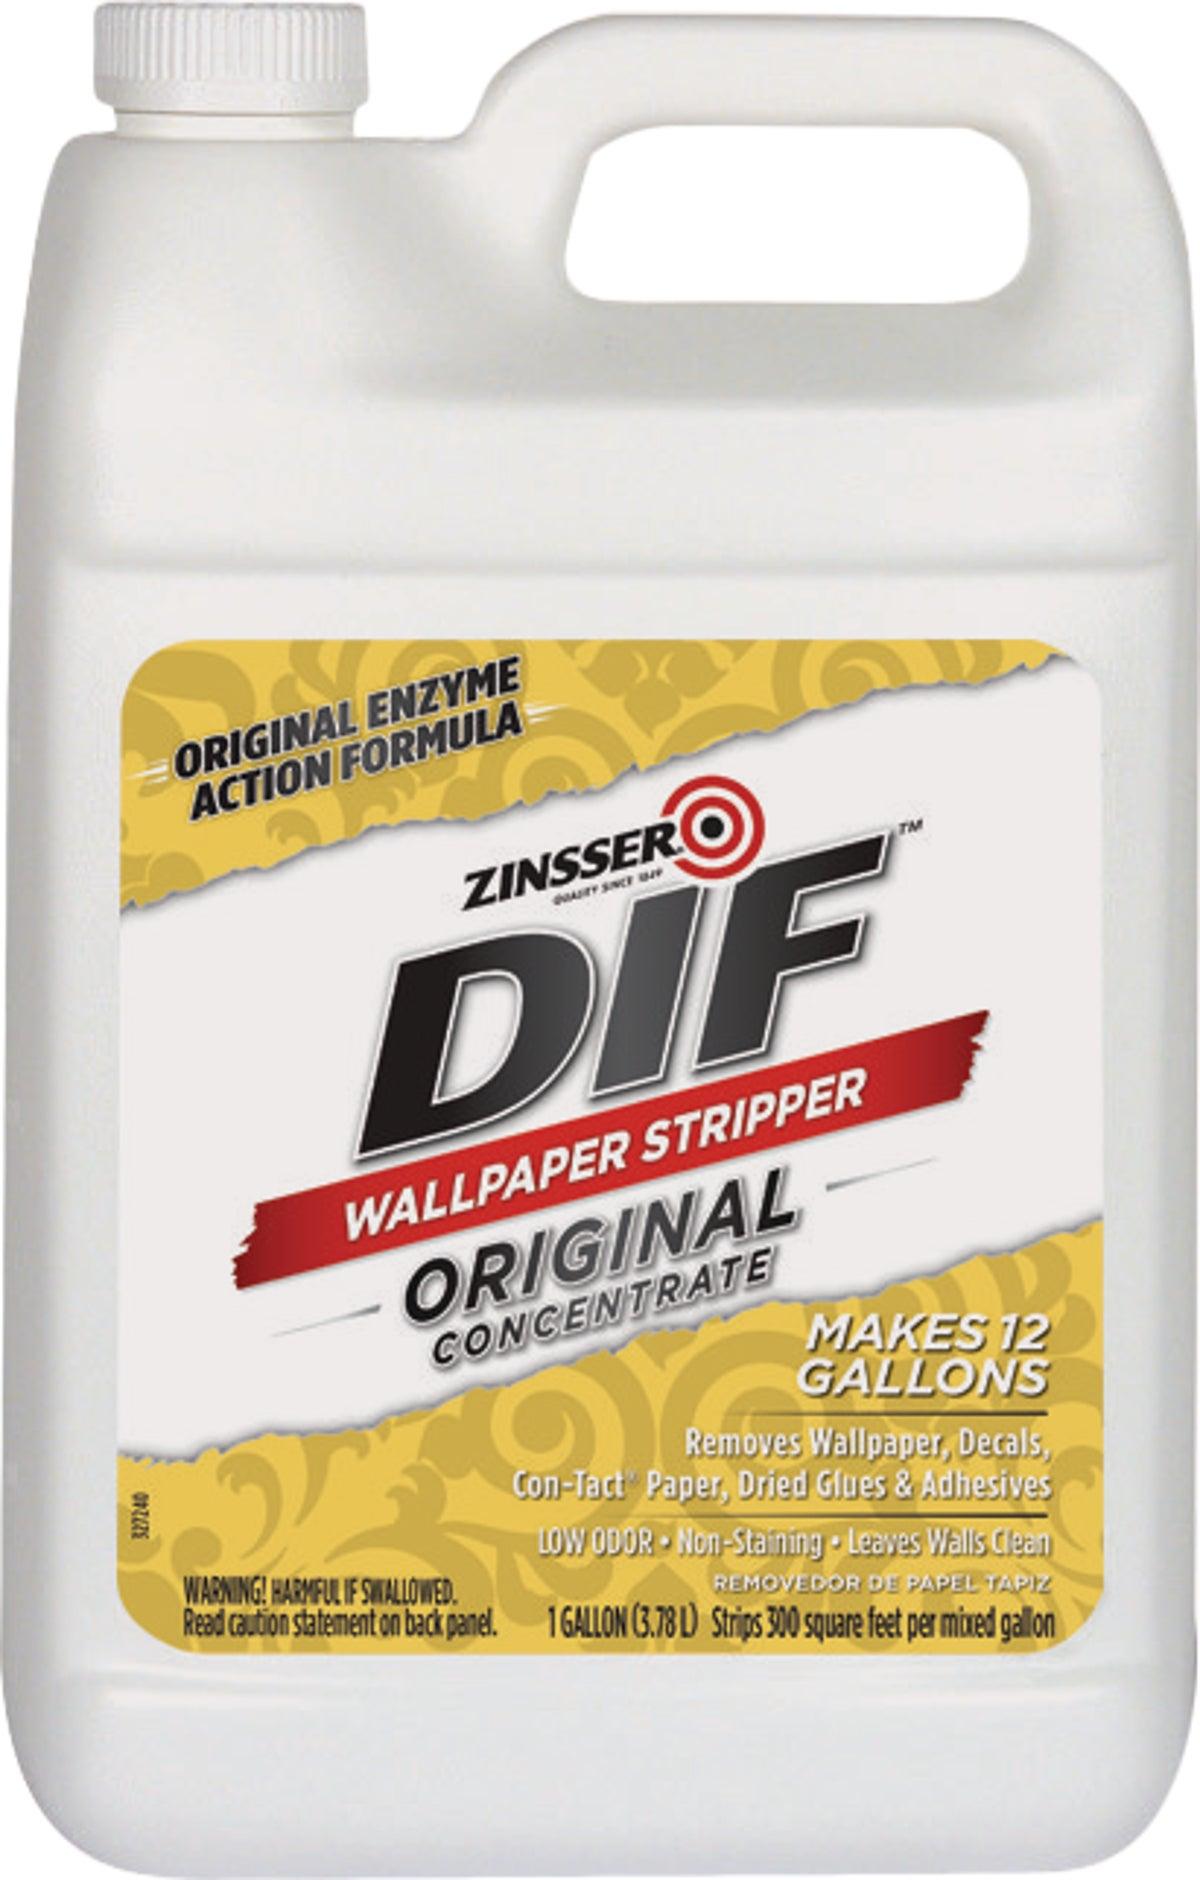 Buy Zinsser DIF Wallpaper Stripper Gallon